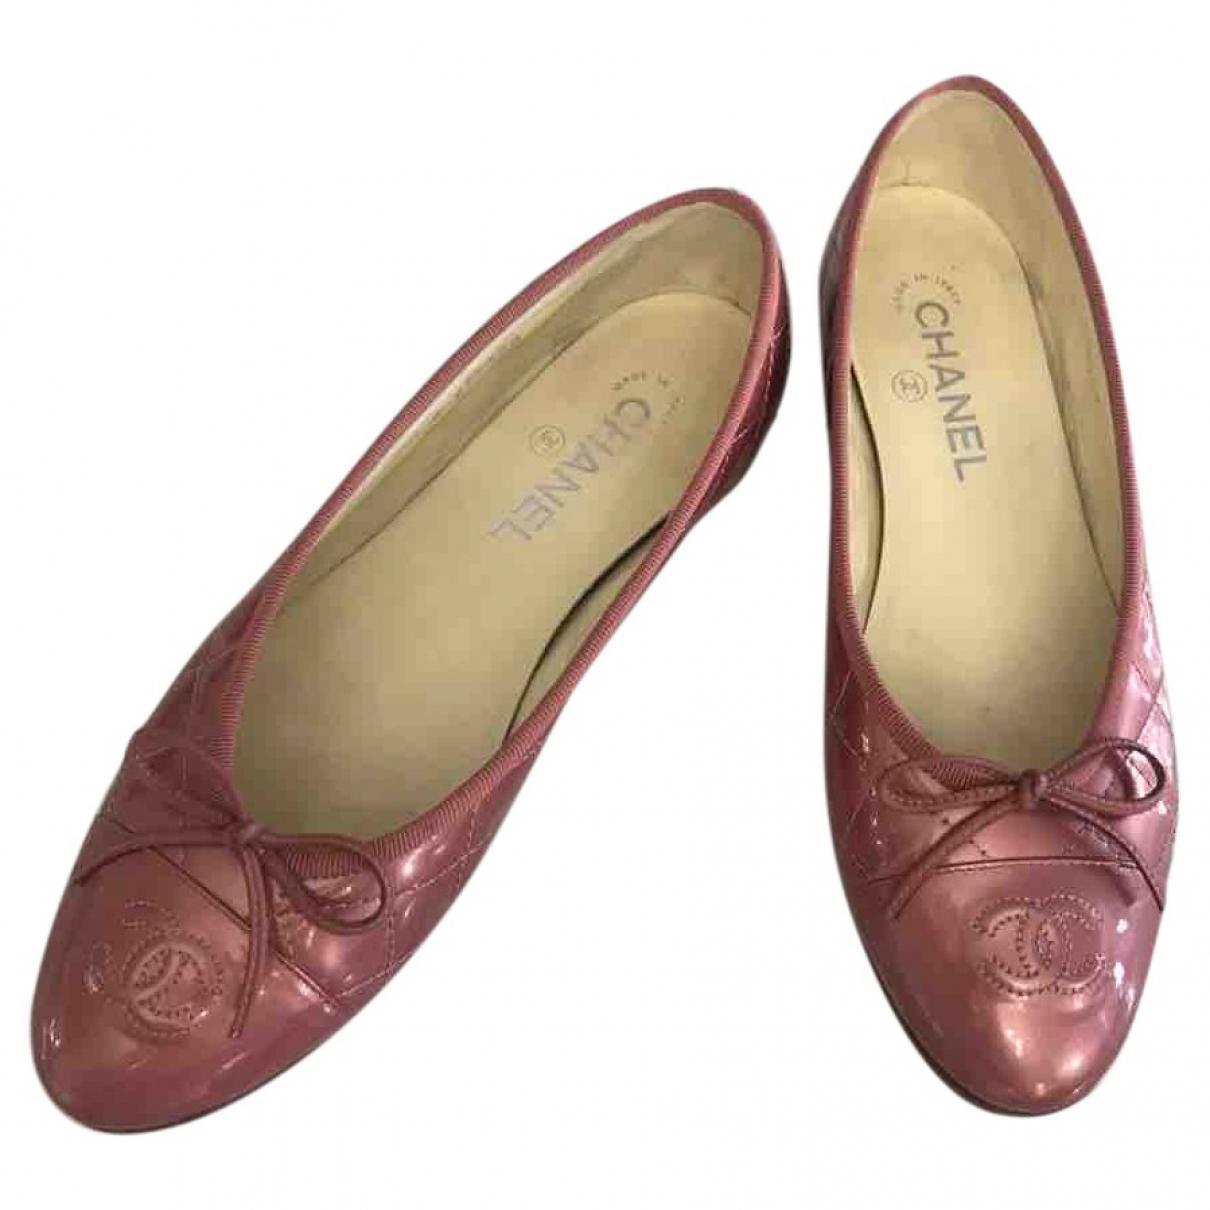 Chanel \N Ballerinas in  Rosa Leder